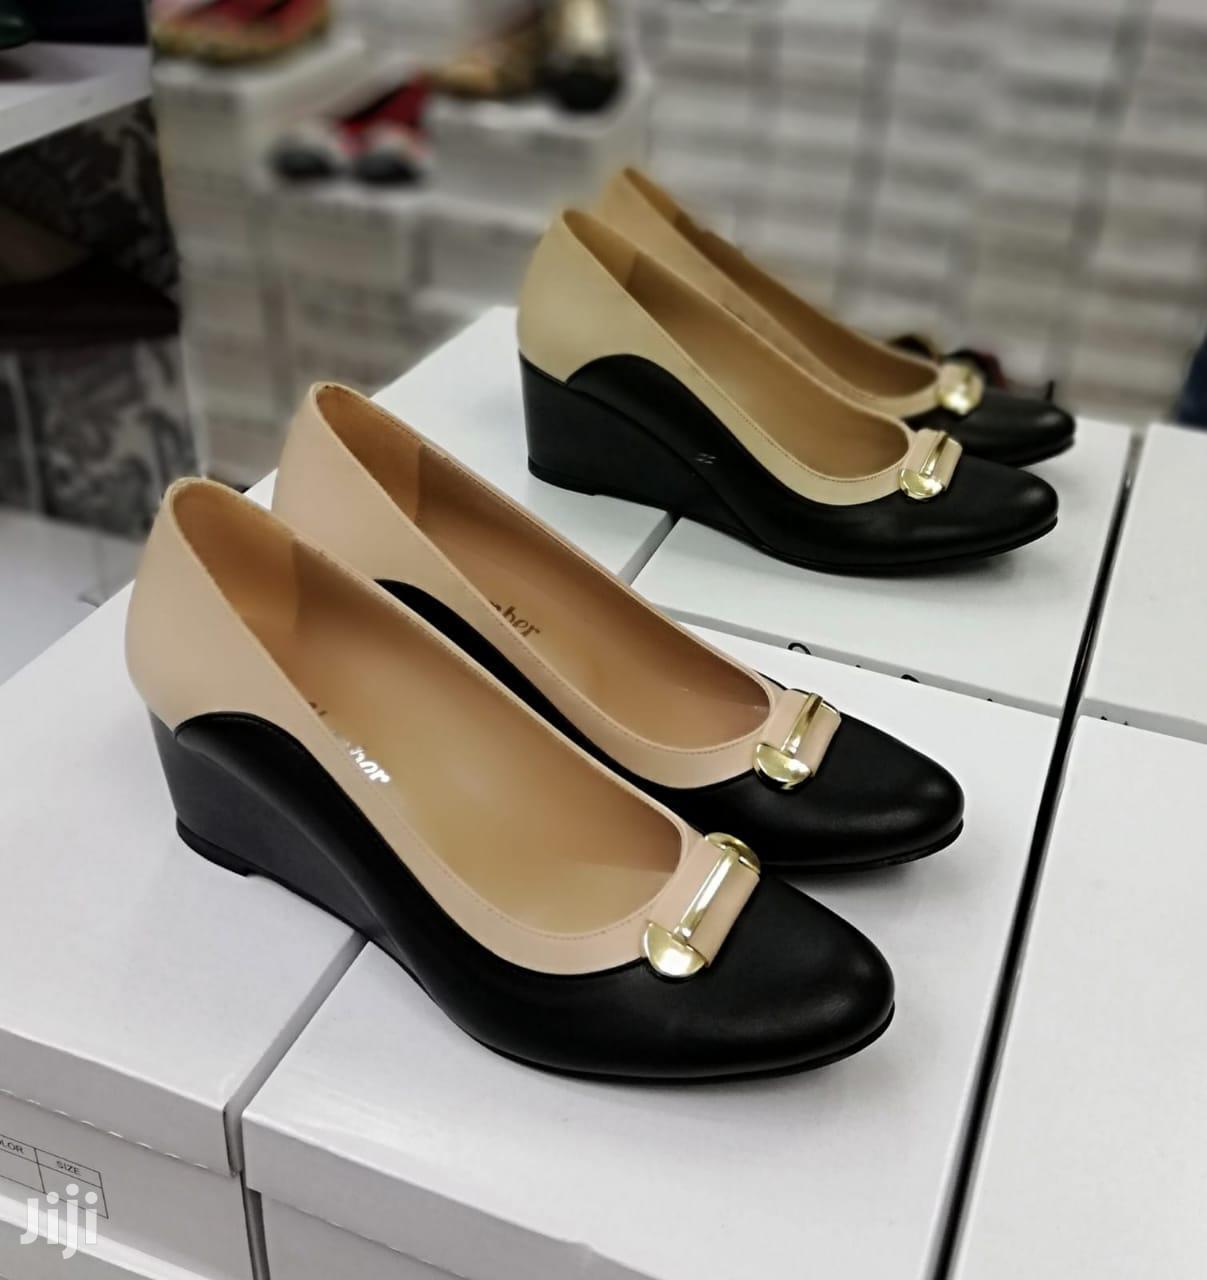 Fashion Shoes | Shoes for sale in Umoja II, Nairobi, Kenya